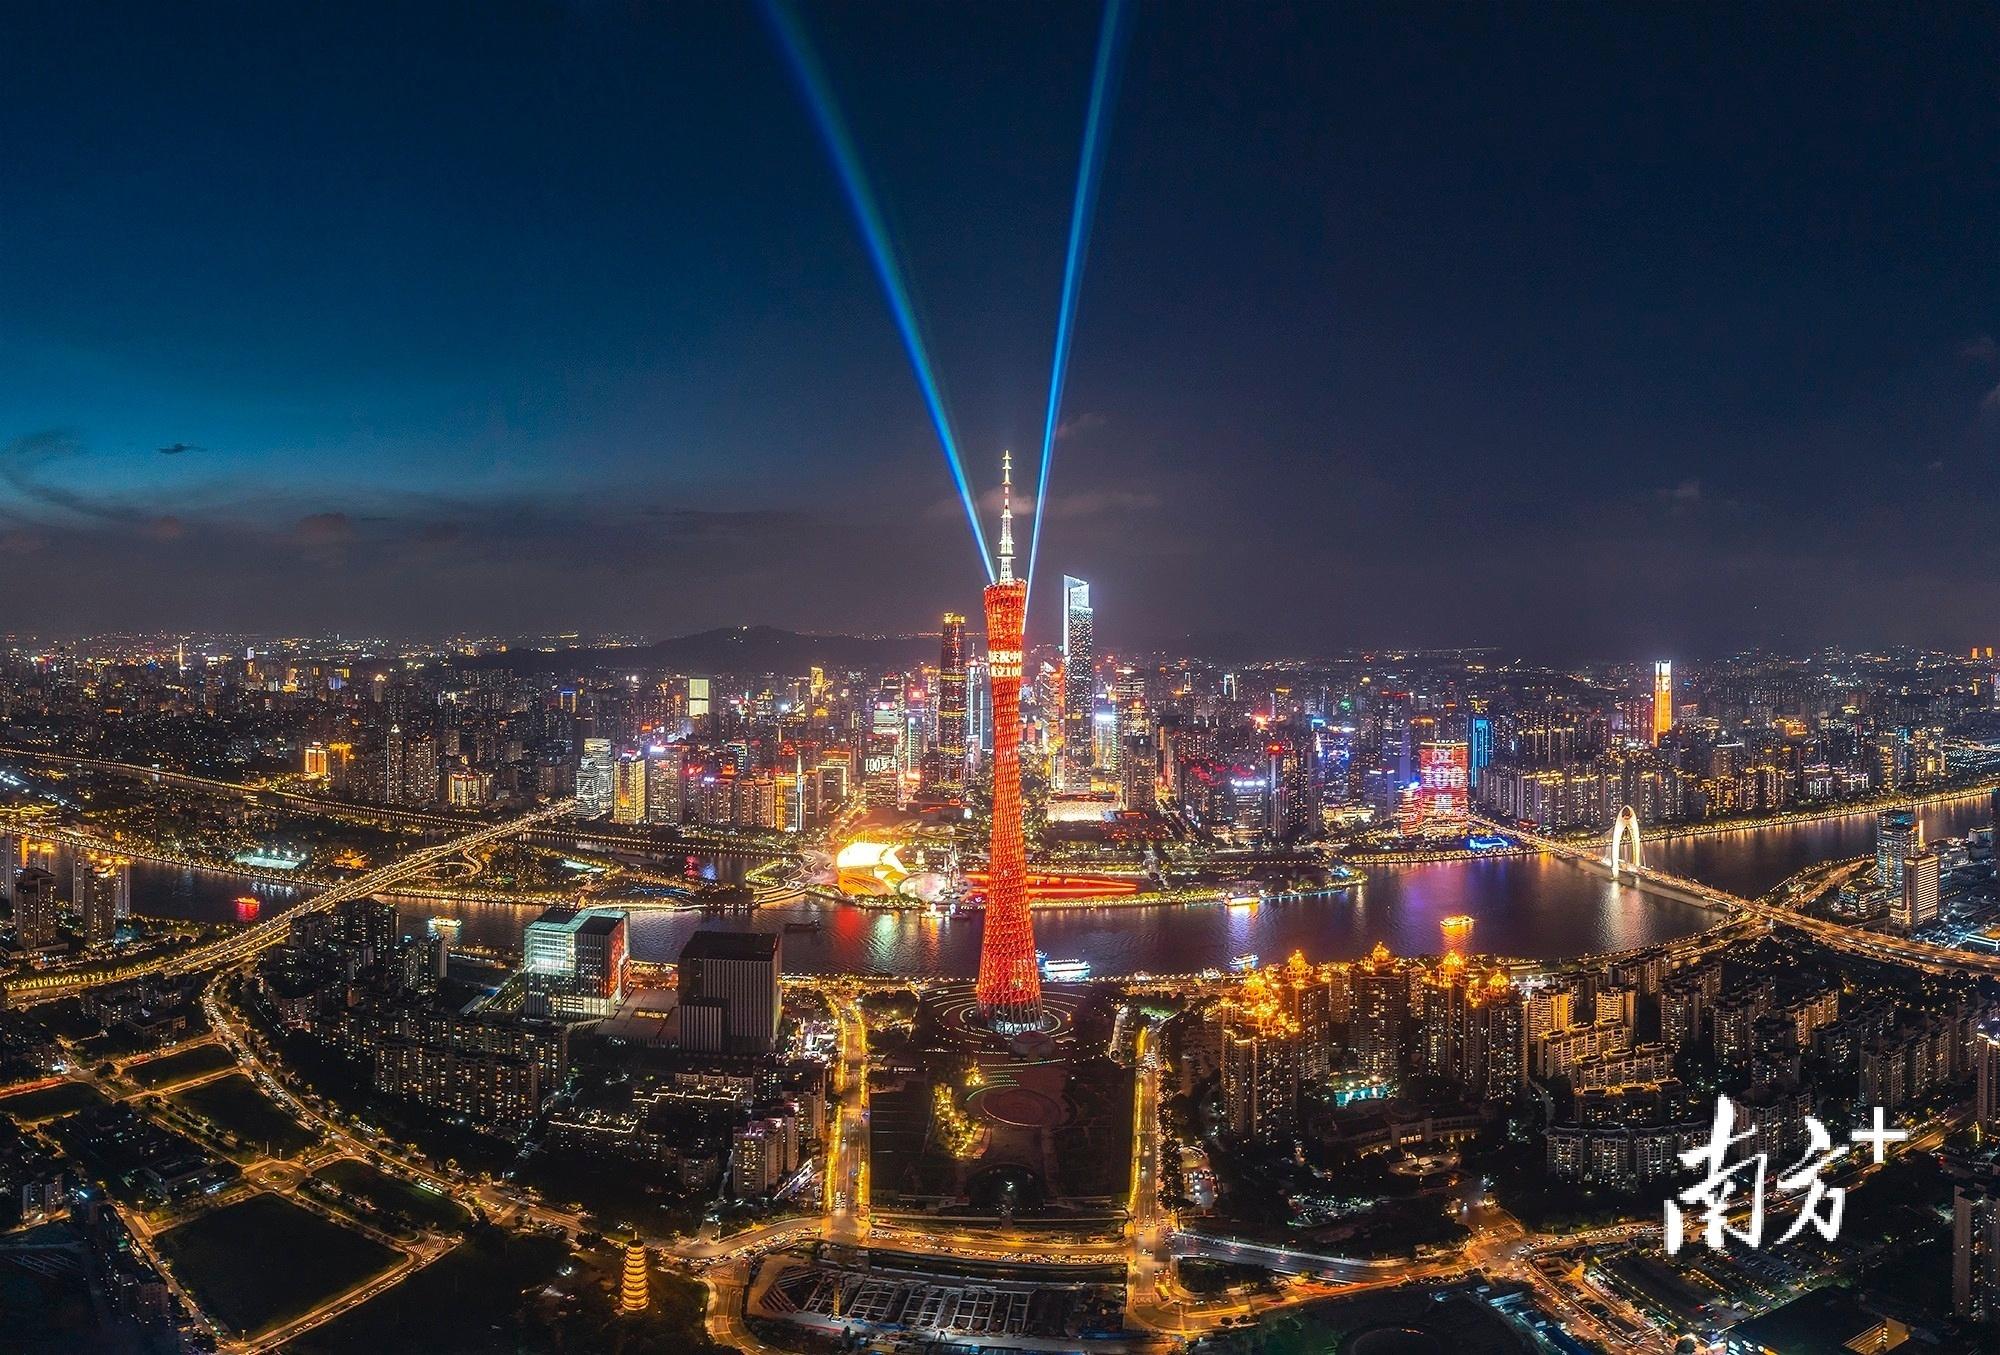 7月1日,广州上演震撼灯光秀,庆祝中国共产党成立100周年。 逸松 摄